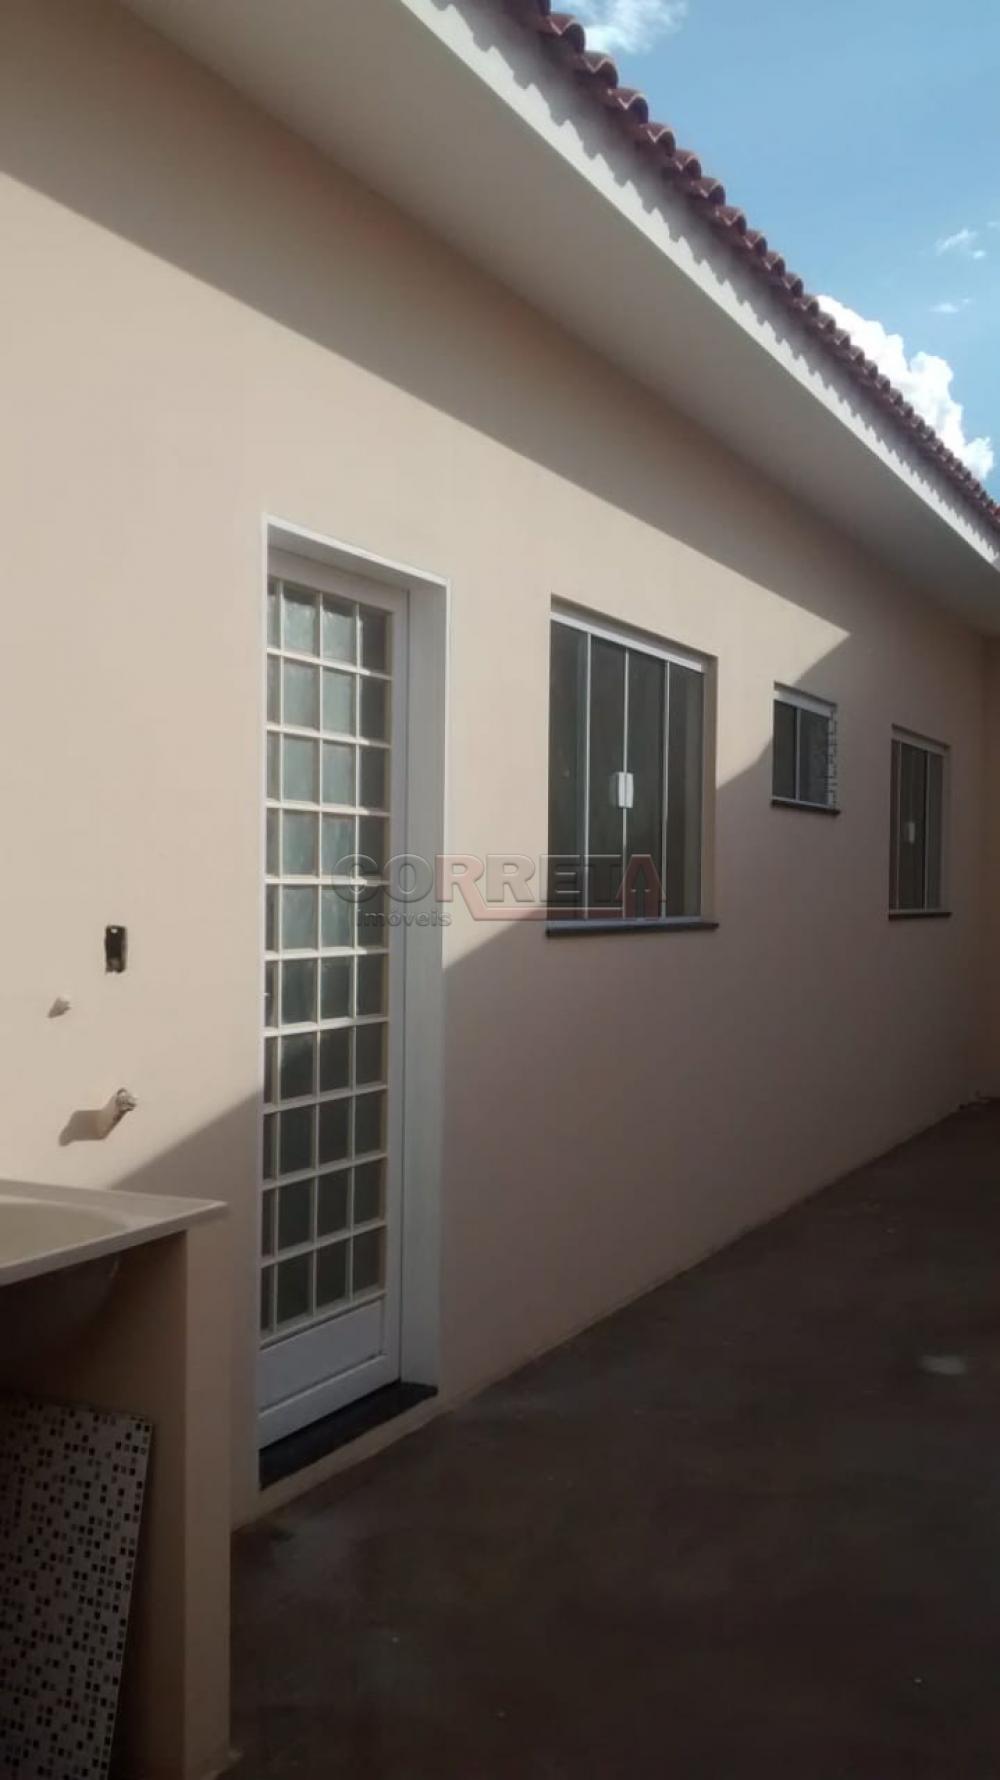 Comprar Casa / Residencial em Araçatuba apenas R$ 215.000,00 - Foto 16